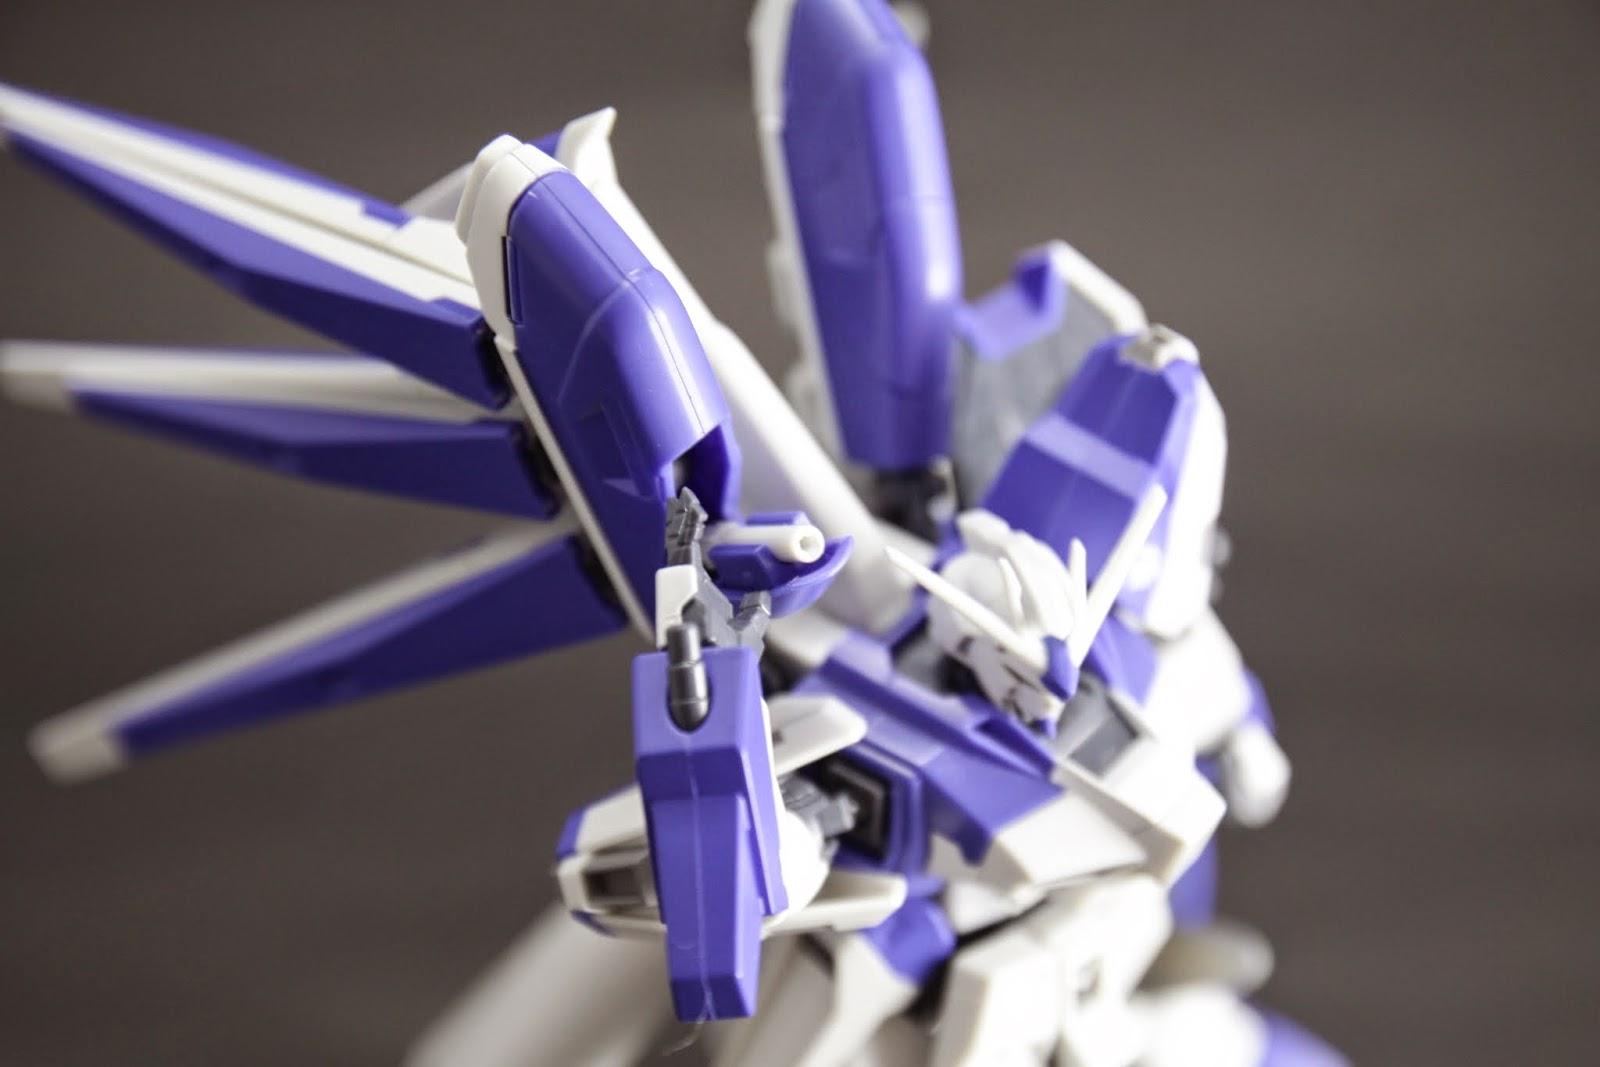 在感應泡充電匣裡的光束刀架也忠實呈現 不過比起Nu的光束刀,Hi-Nu的好沒氣勢...